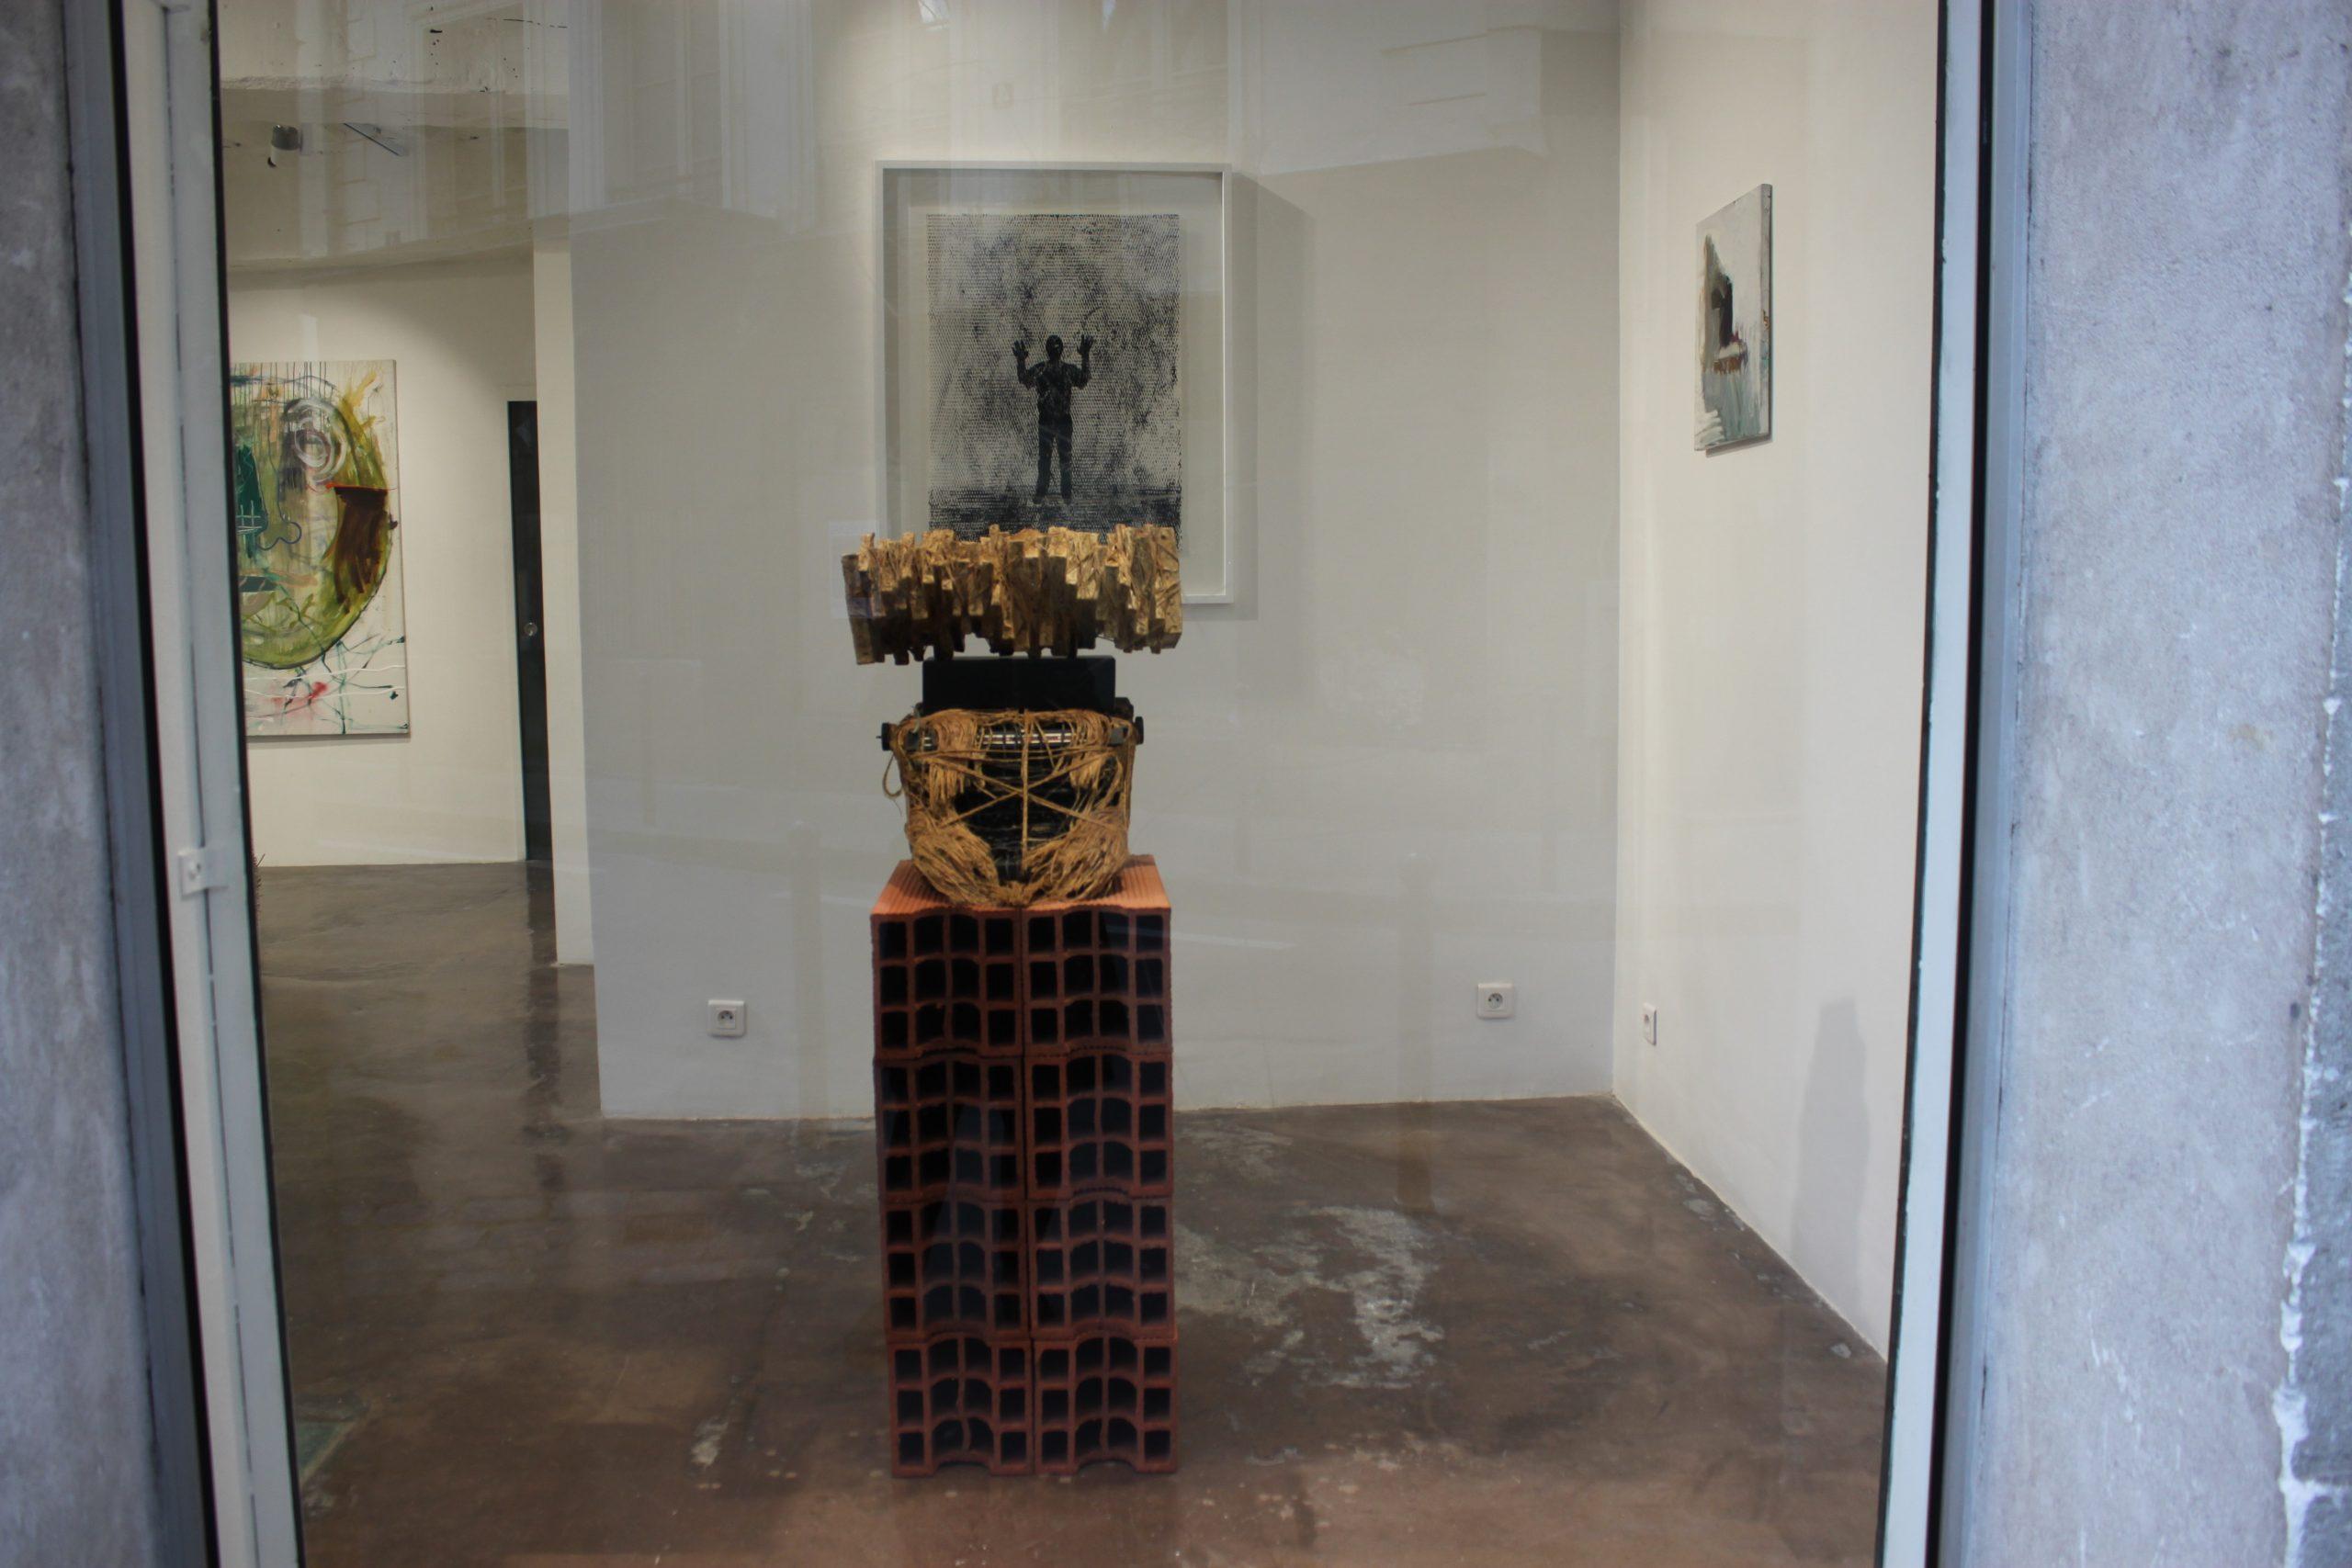 Paroles séquestrées présentation 2 oeuvre artiste contemporain Kamel Yahiaoui